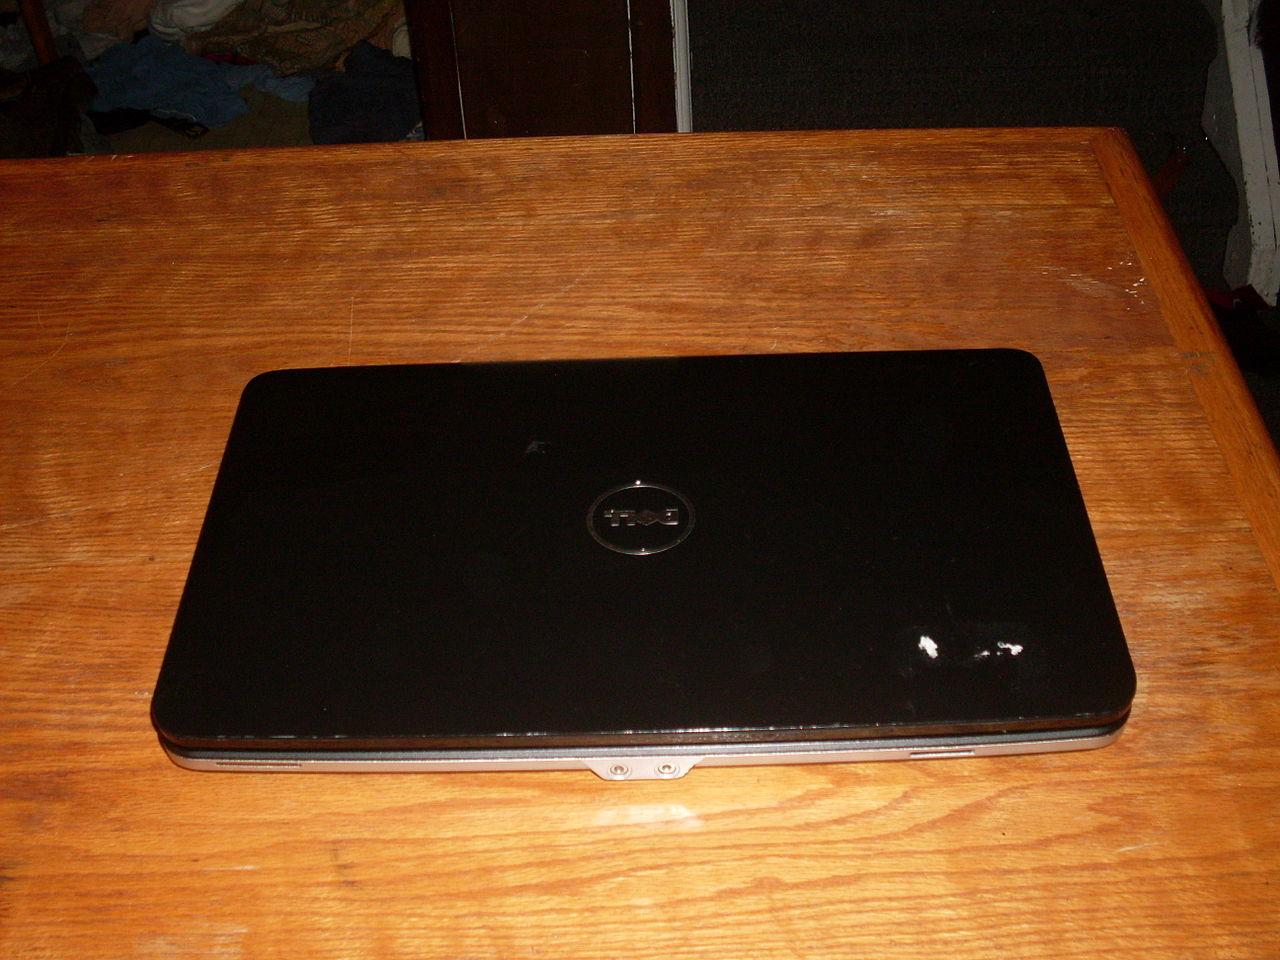 Dell 1015 T6600/ ram 2gb/ hdd 250gb bh 3th